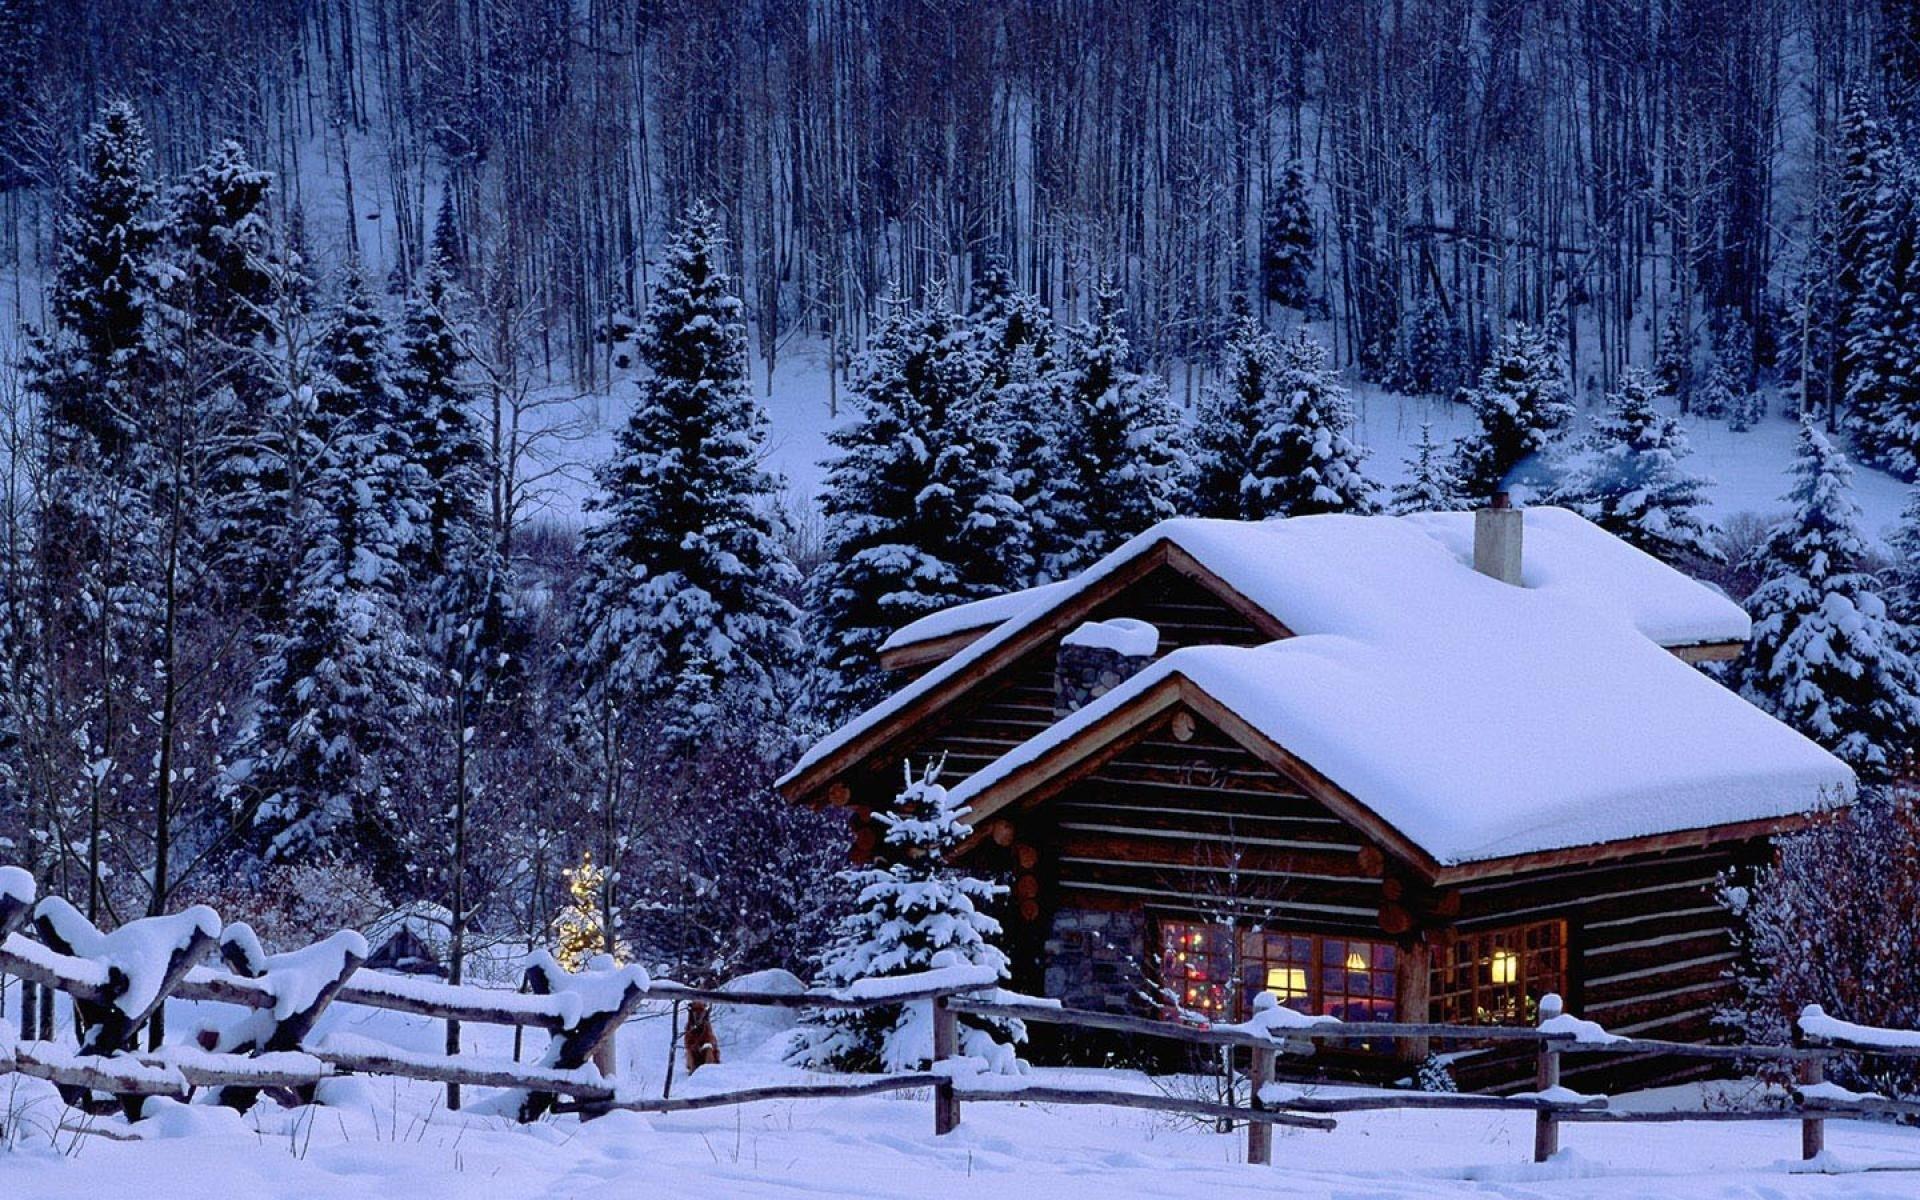 winter snow scenes wallpaper (49+ images)